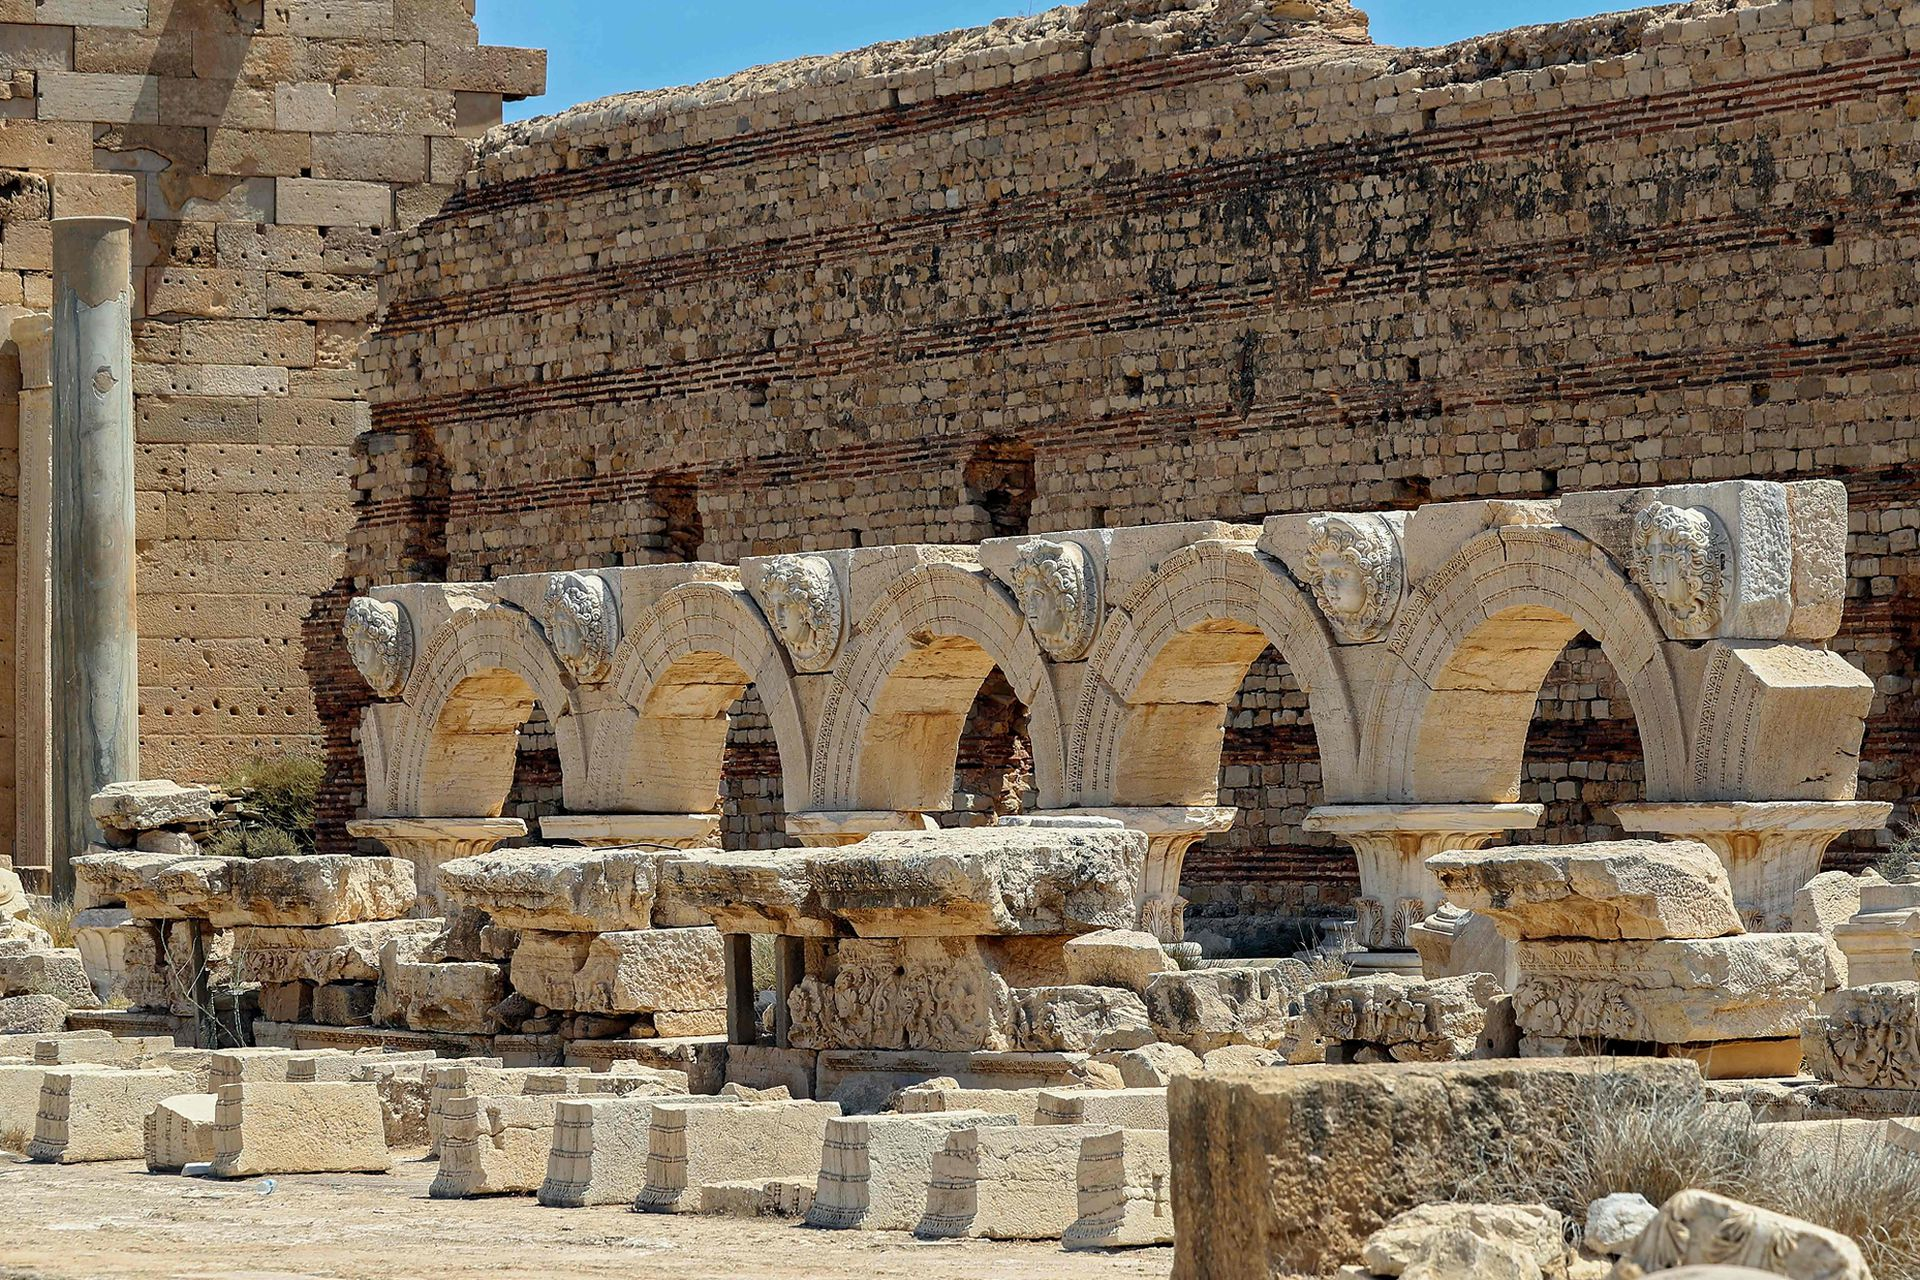 Una imagen muestra arcos con cabezas de gorgona talladas que rodean el foro de Severin, en la antigua ciudad romana de Leptis